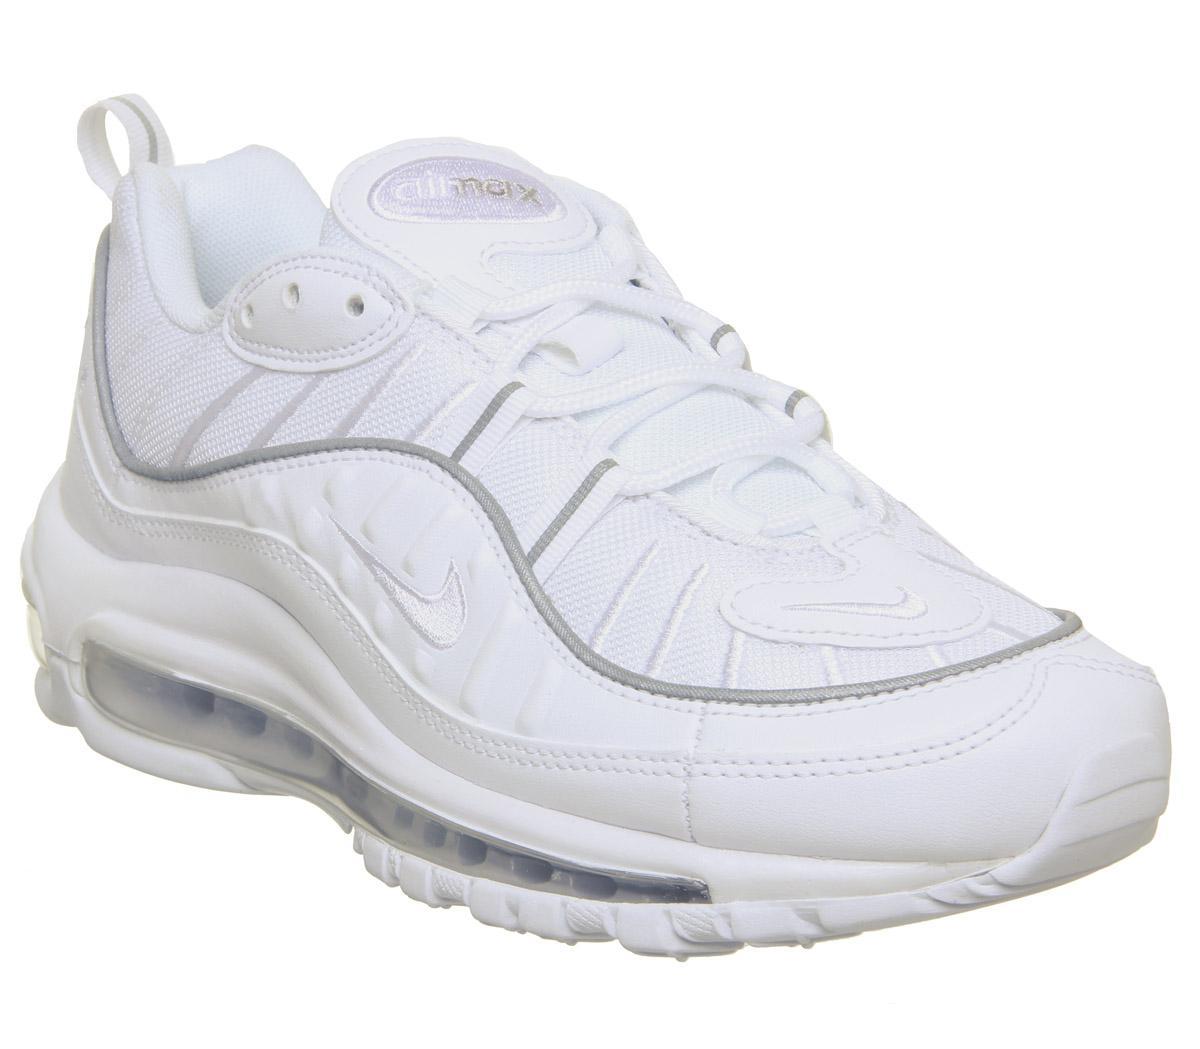 nike 98 Cheap Nike Air Max Shoes